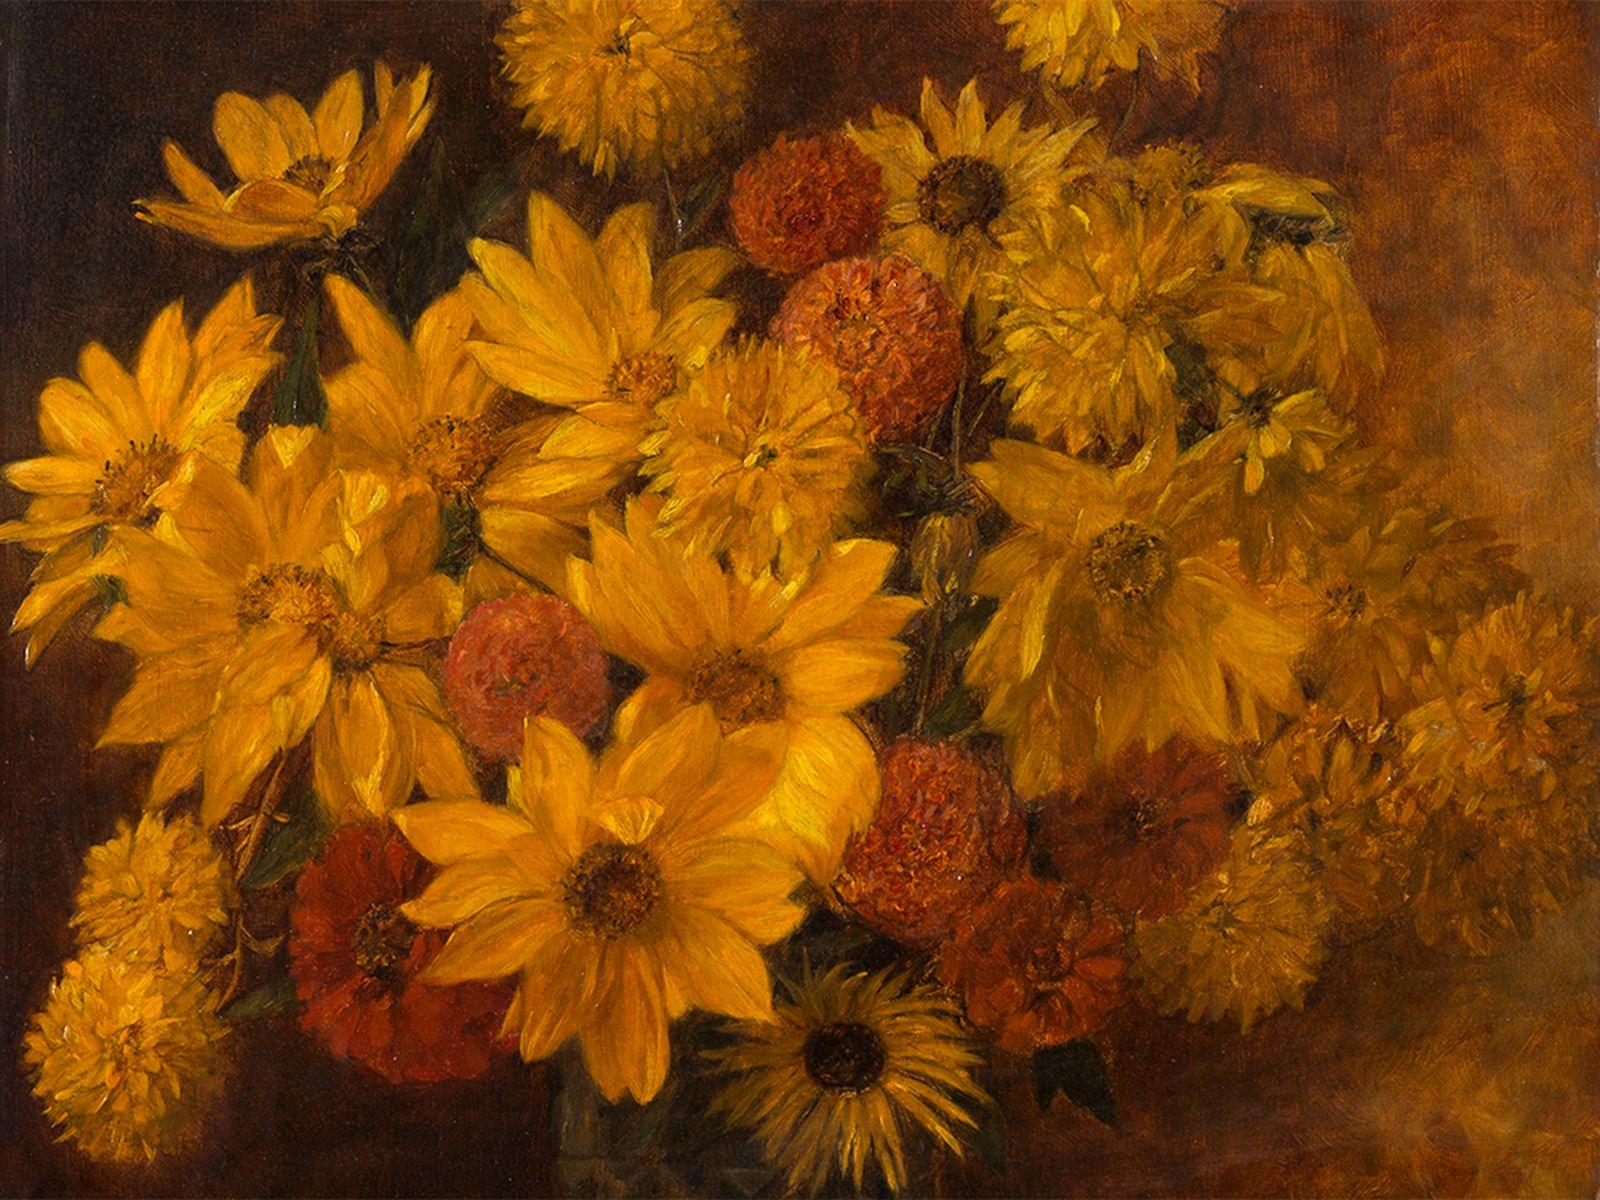 #10 Marcel Kammerer (1878-1959), Painting, Flower Still Life, 1925 |Marcel Kammerer (1878-1959), Blumenstillleben, Gemälde, 1925 Image